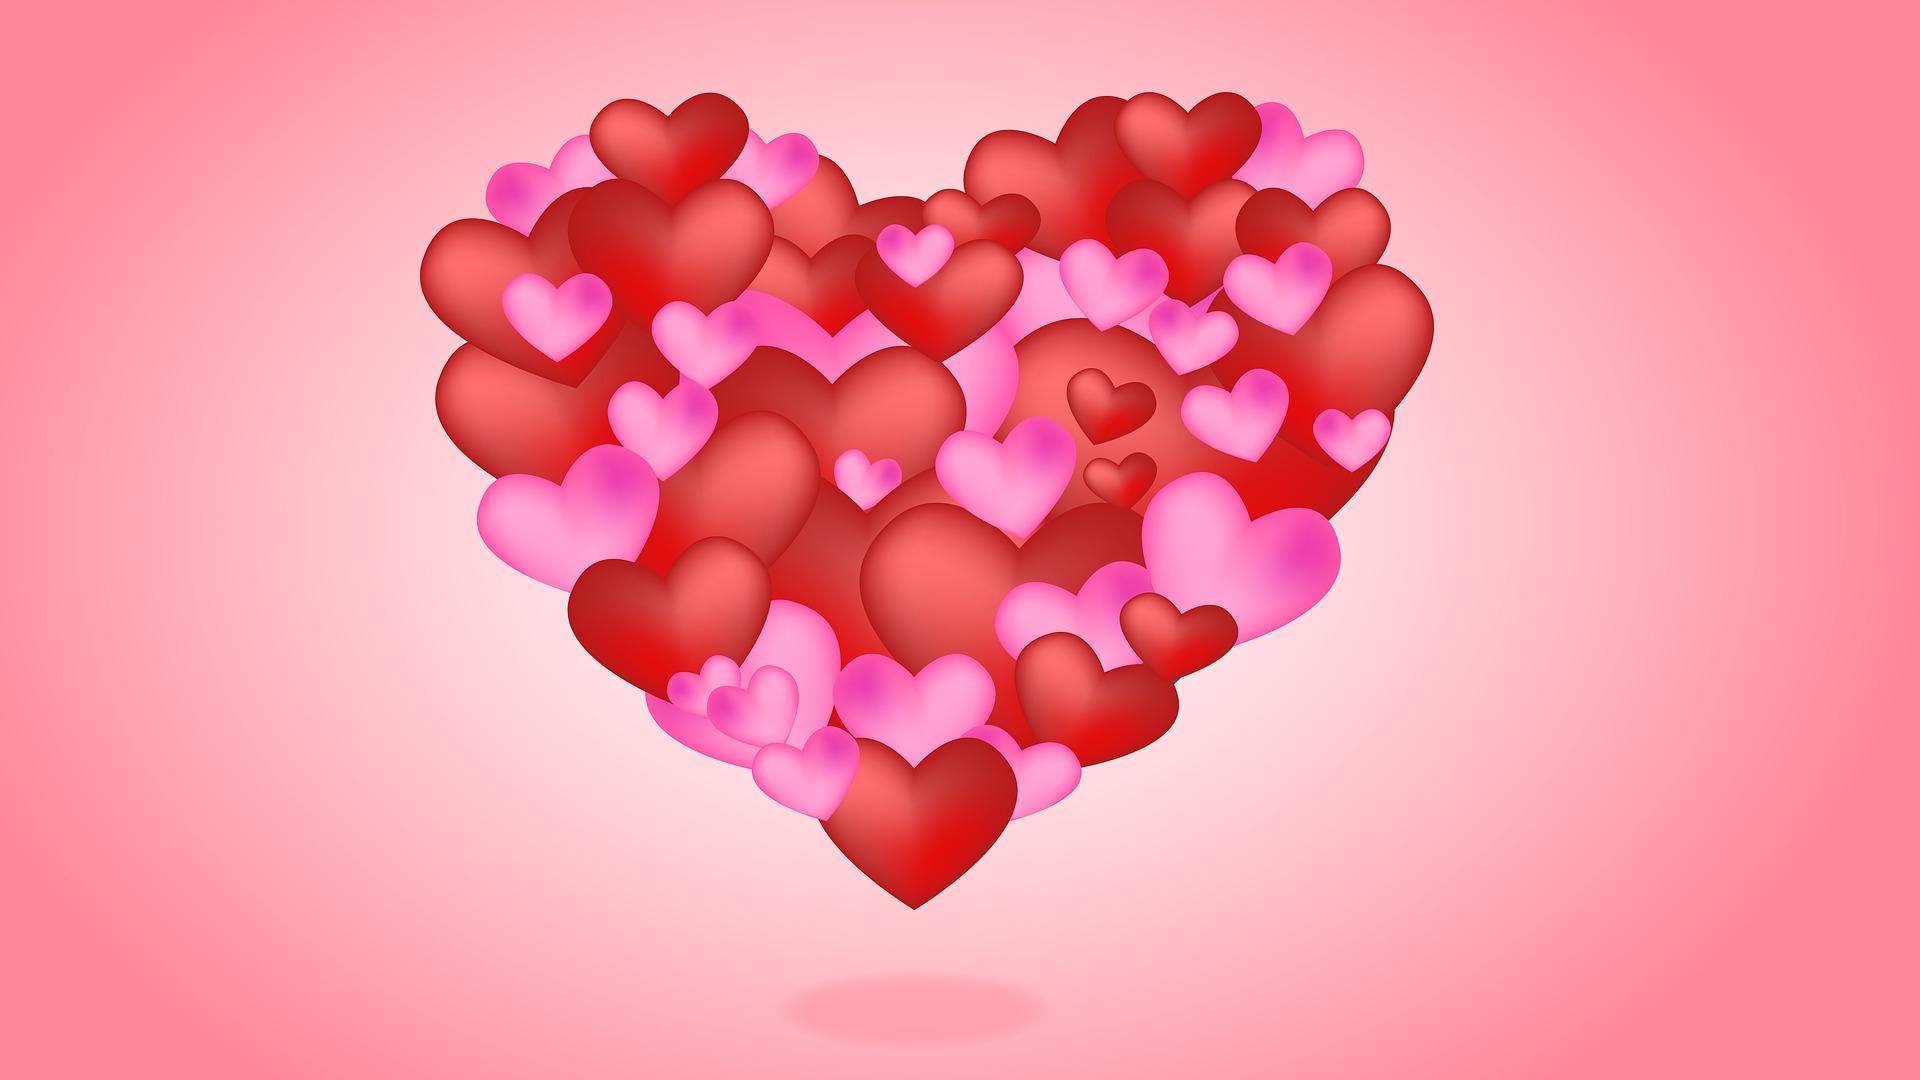 Mi az igazság a szerelem sarokkal kapcsolatosan, a Feng Shui szerint?